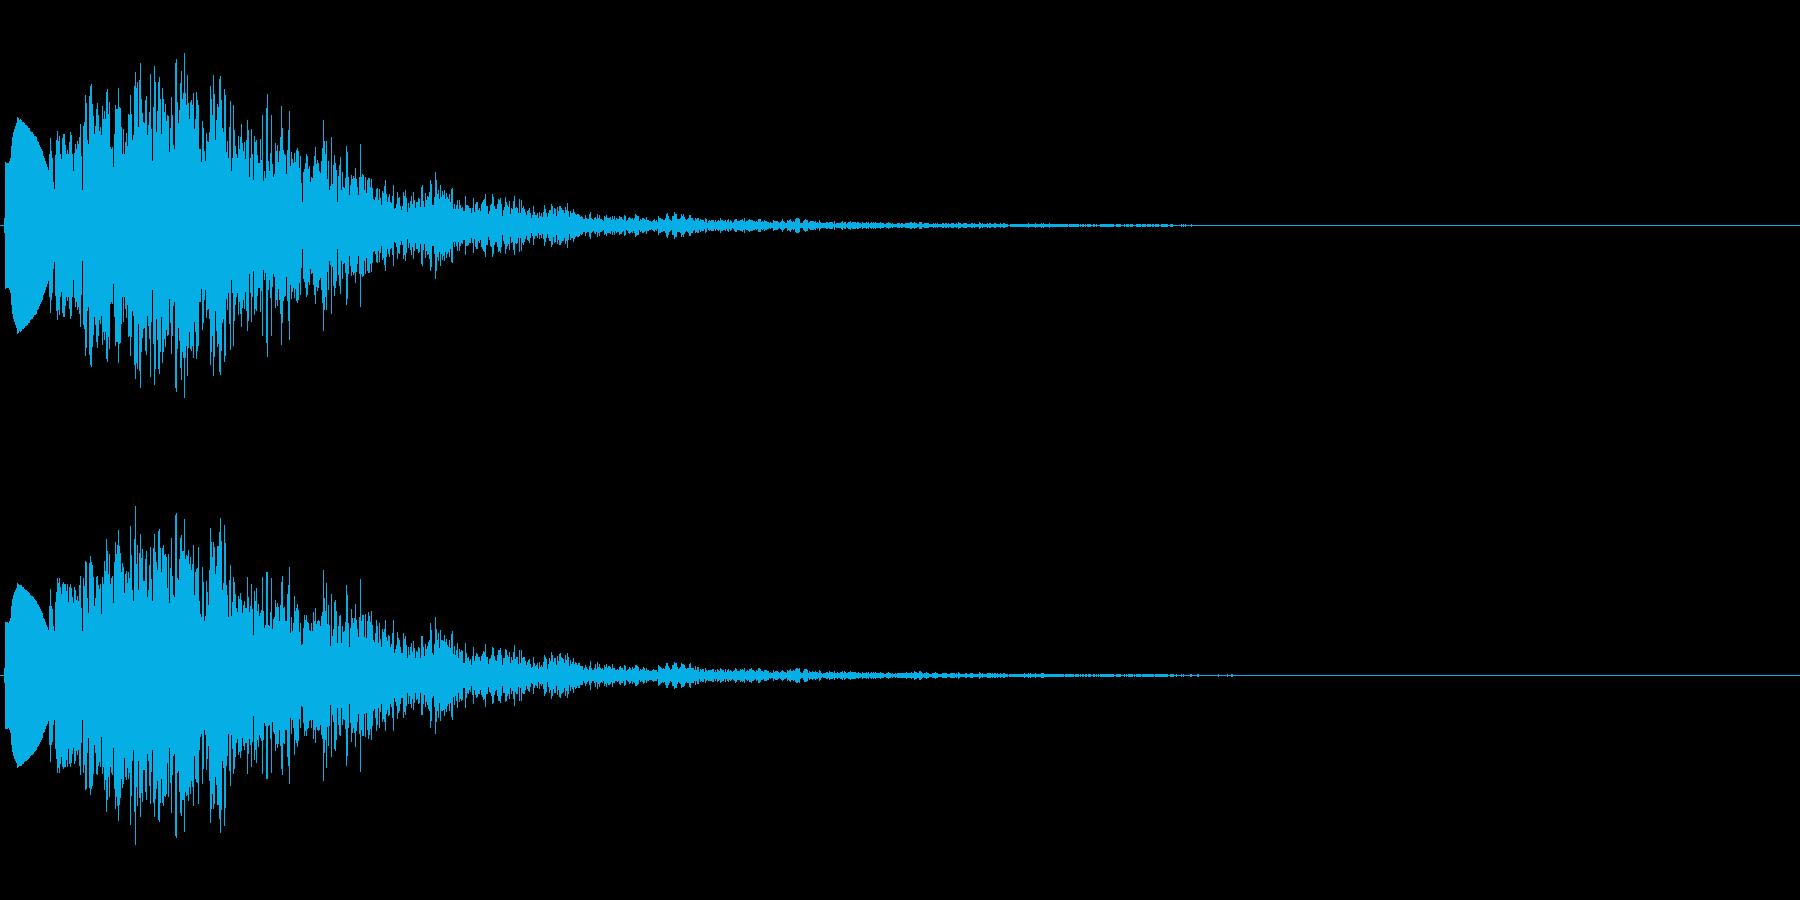 ボタンクリック音 効果音 の再生済みの波形